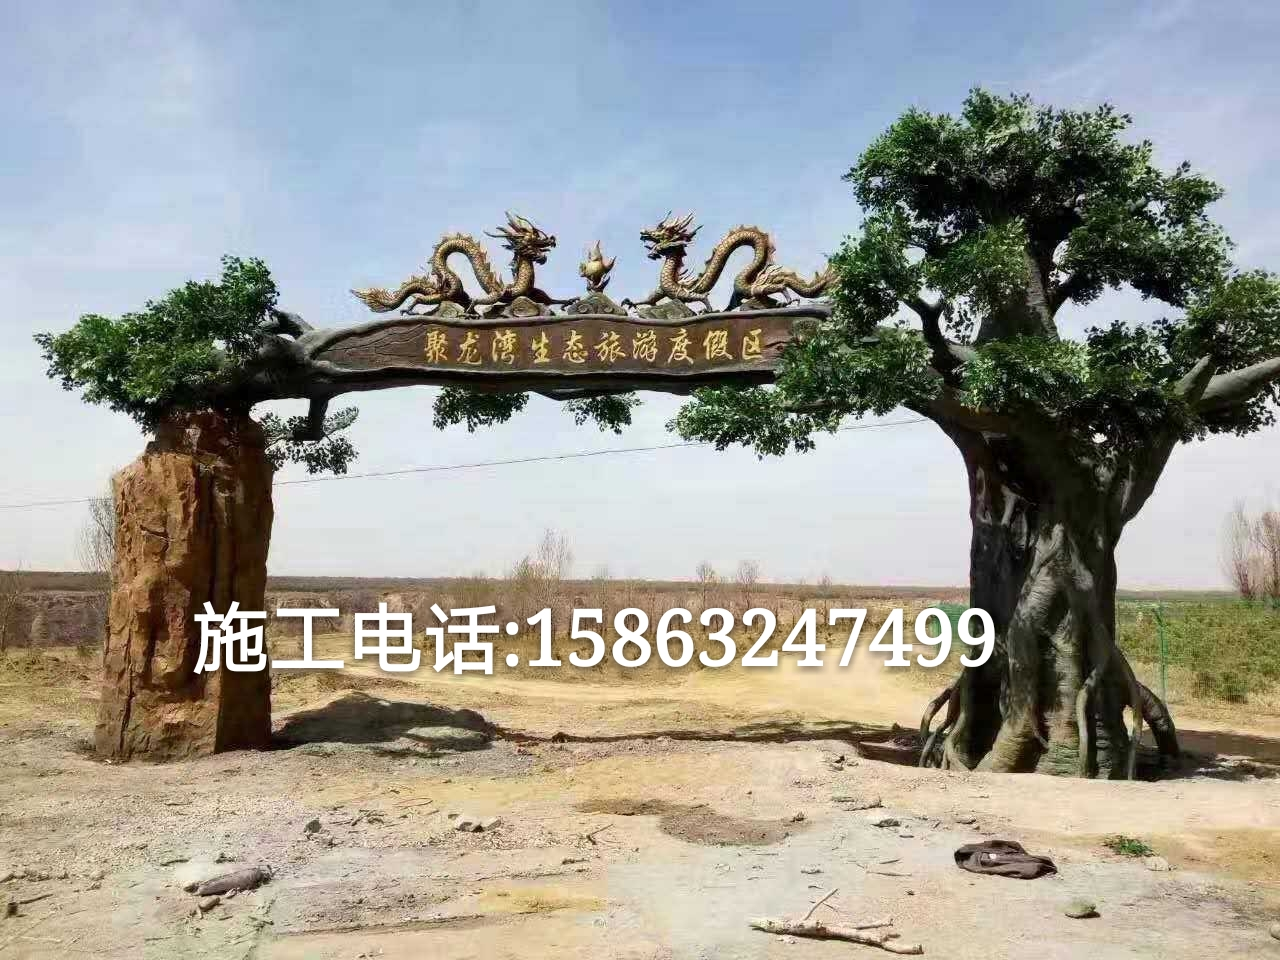 供应菏泽生态园假树大门/假树大门价格/河北生态园假树大门